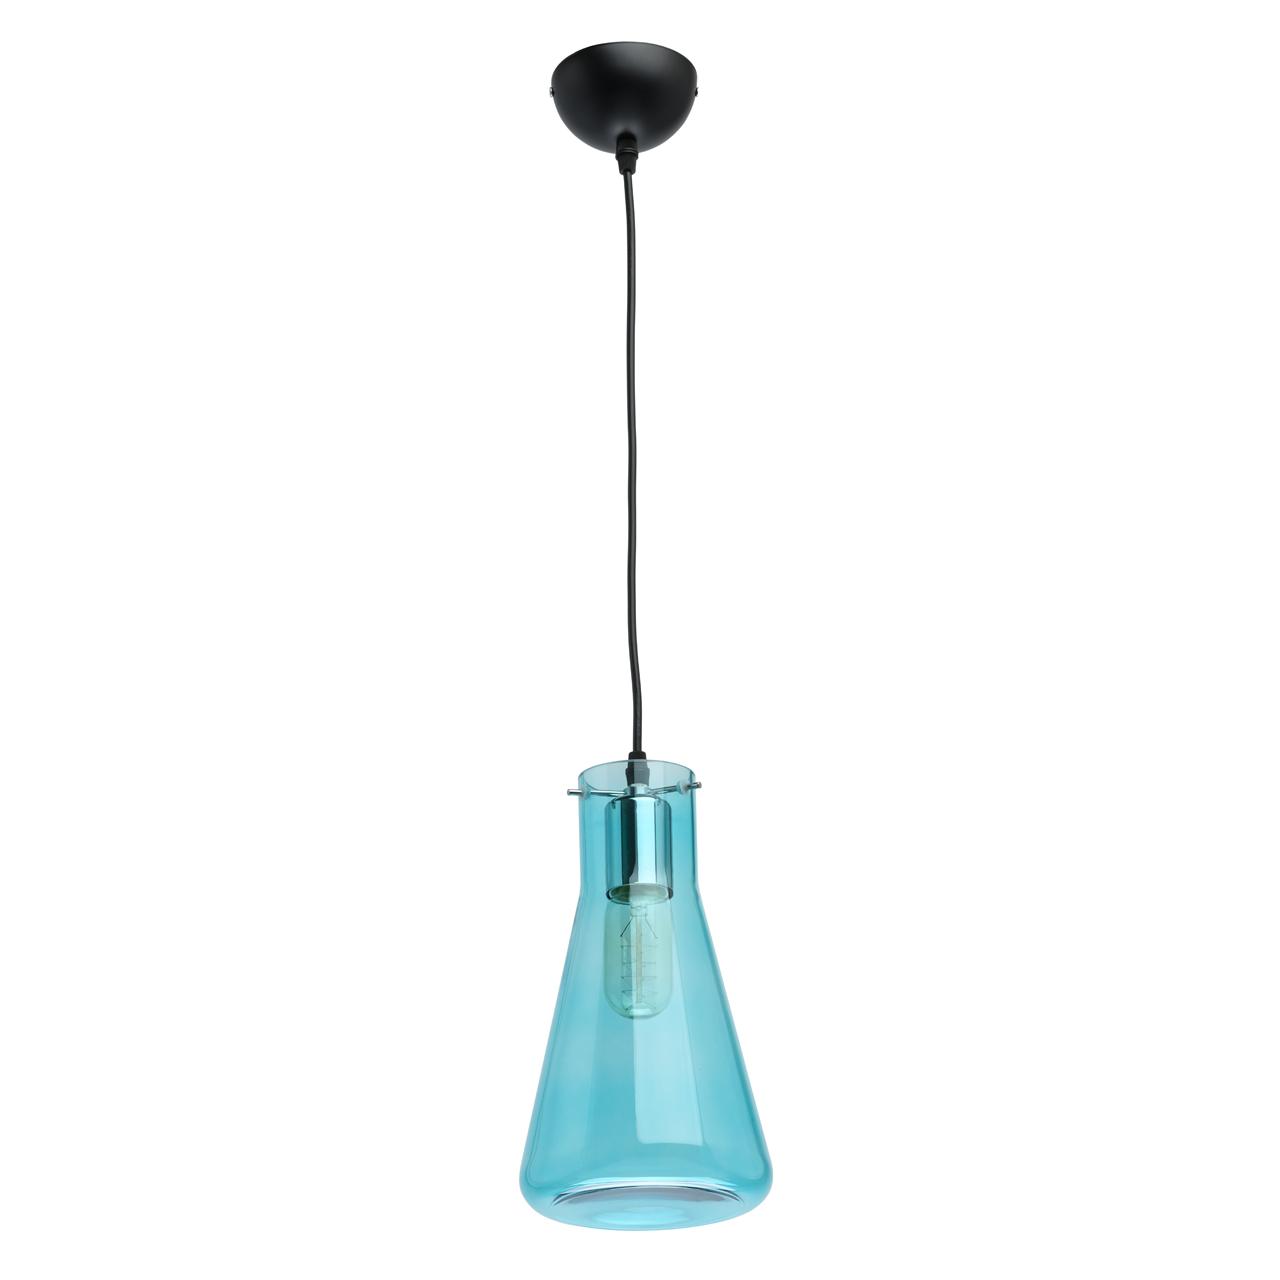 Lampa Wisząca W Kształcie Kolby Laboratoryjnej Mw Light Megapolis Błękitna